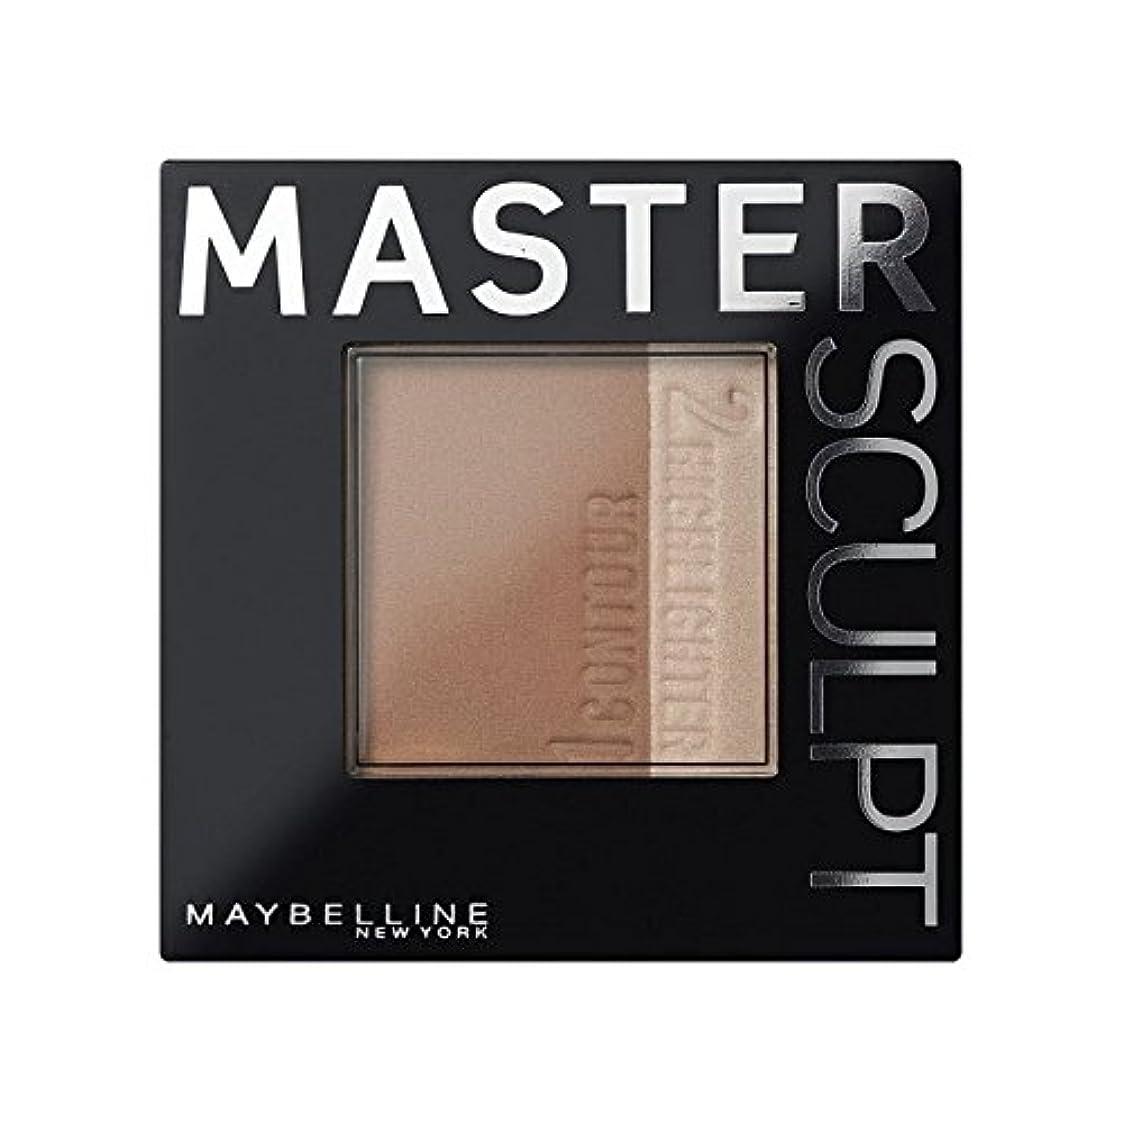 メイベリンマスタースカルプト基盤02の /暗い輪郭 x2 - Maybelline Master Sculpt Contouring Foundation 02 Med/Dark (Pack of 2) [並行輸入品]